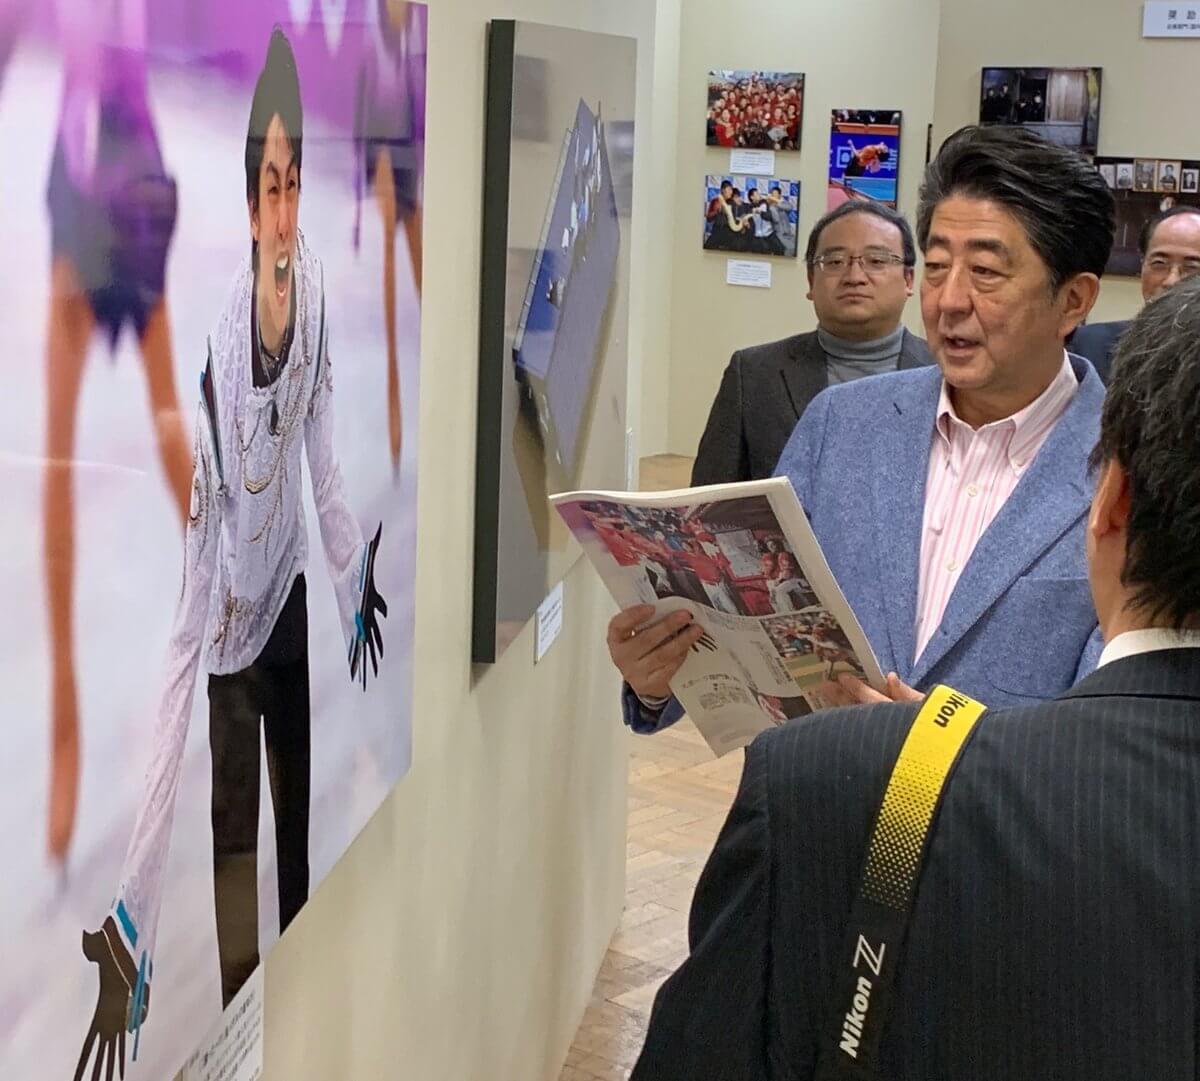 安倍総理が「報道写真展2018」に! 羽生結弦と